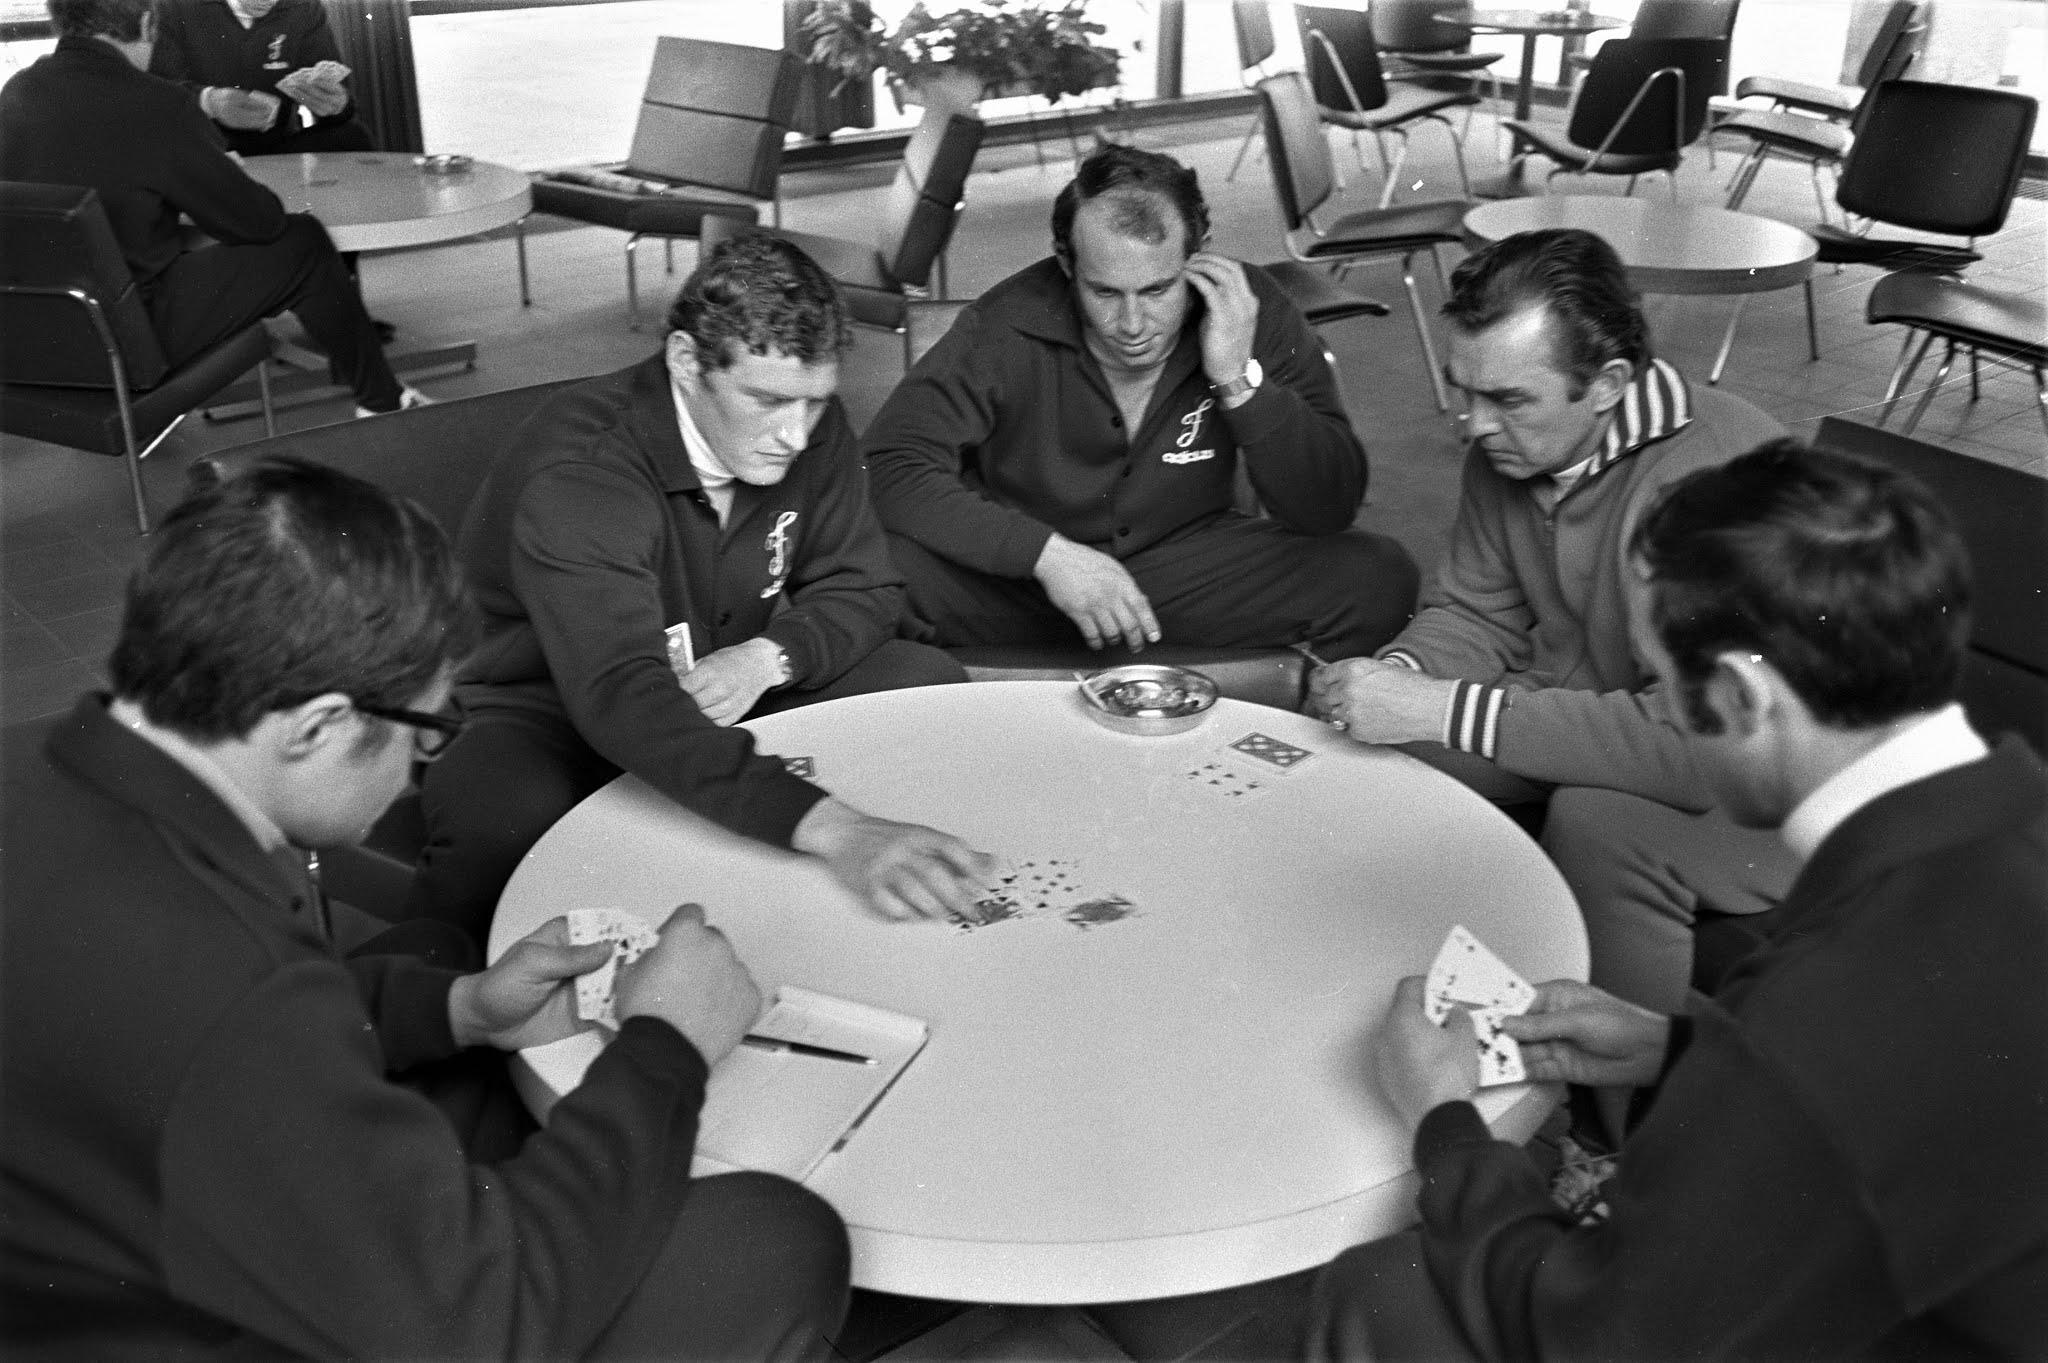 Spelers leggen een kaartje met Ernst Happel